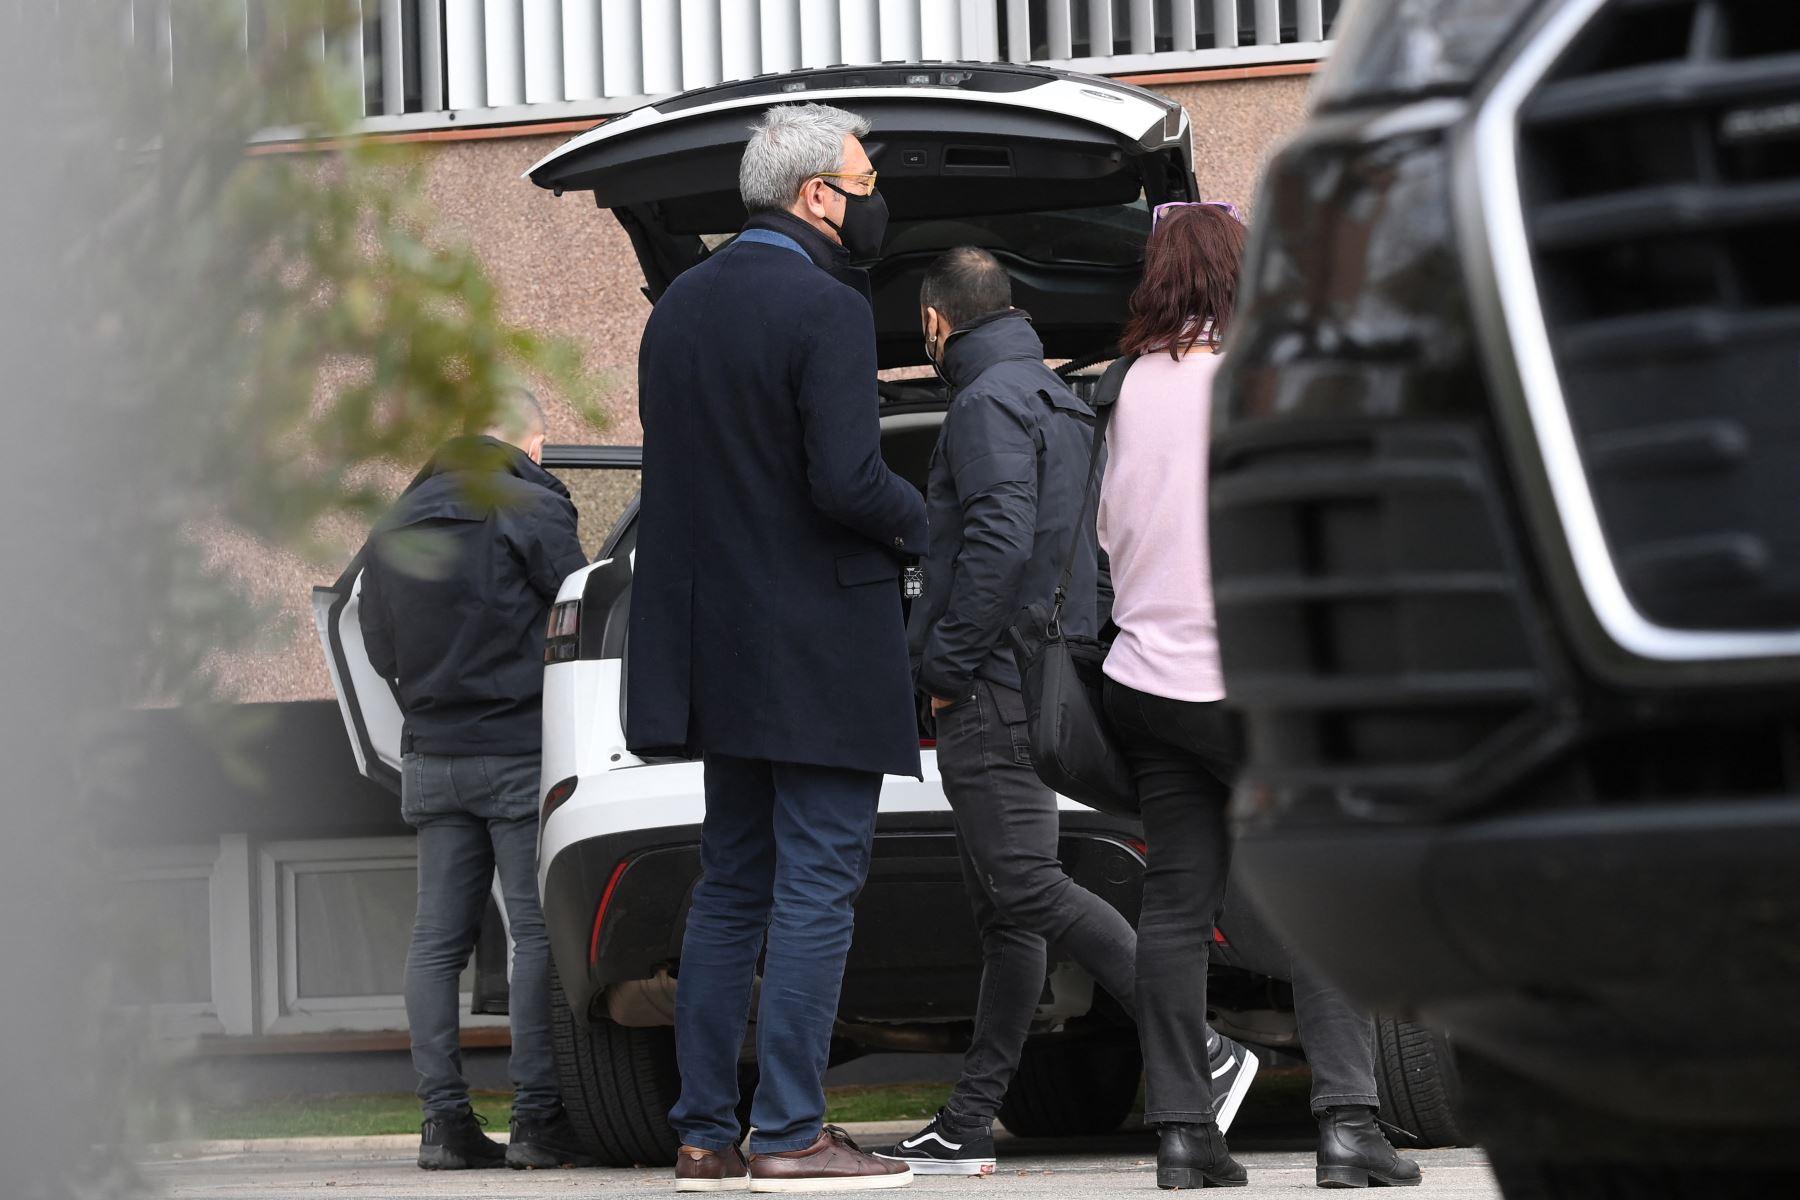 El abogado español Jorge Navarro observa a la policía regional catalana revisar el automóvil de Roman Gómez Ponti, jefe de servicios legales del FC Barcelona, frente a las oficinas del Fútbol Club Barcelona, el 1 de marzo de 2021. Foto: AFP